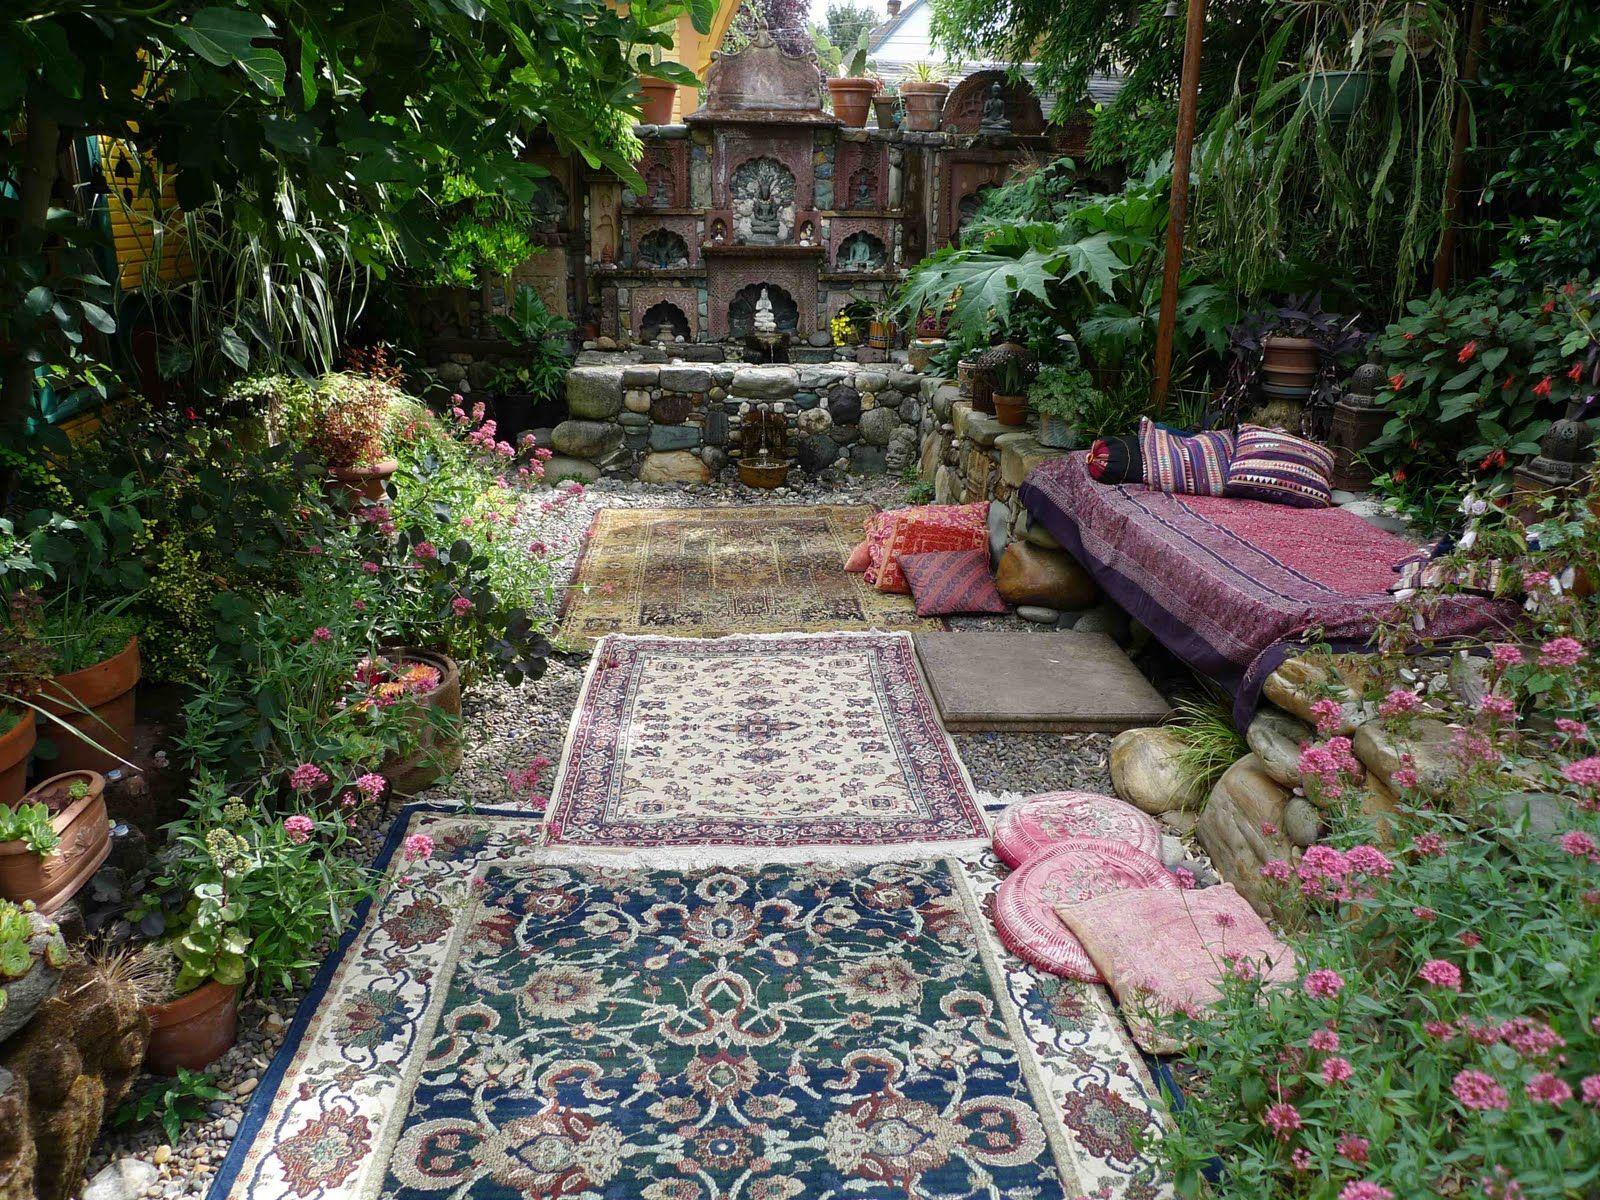 Tapis Pour Caravane Gitan jeffrey bale's world of gardens (med bilder) | utomhus